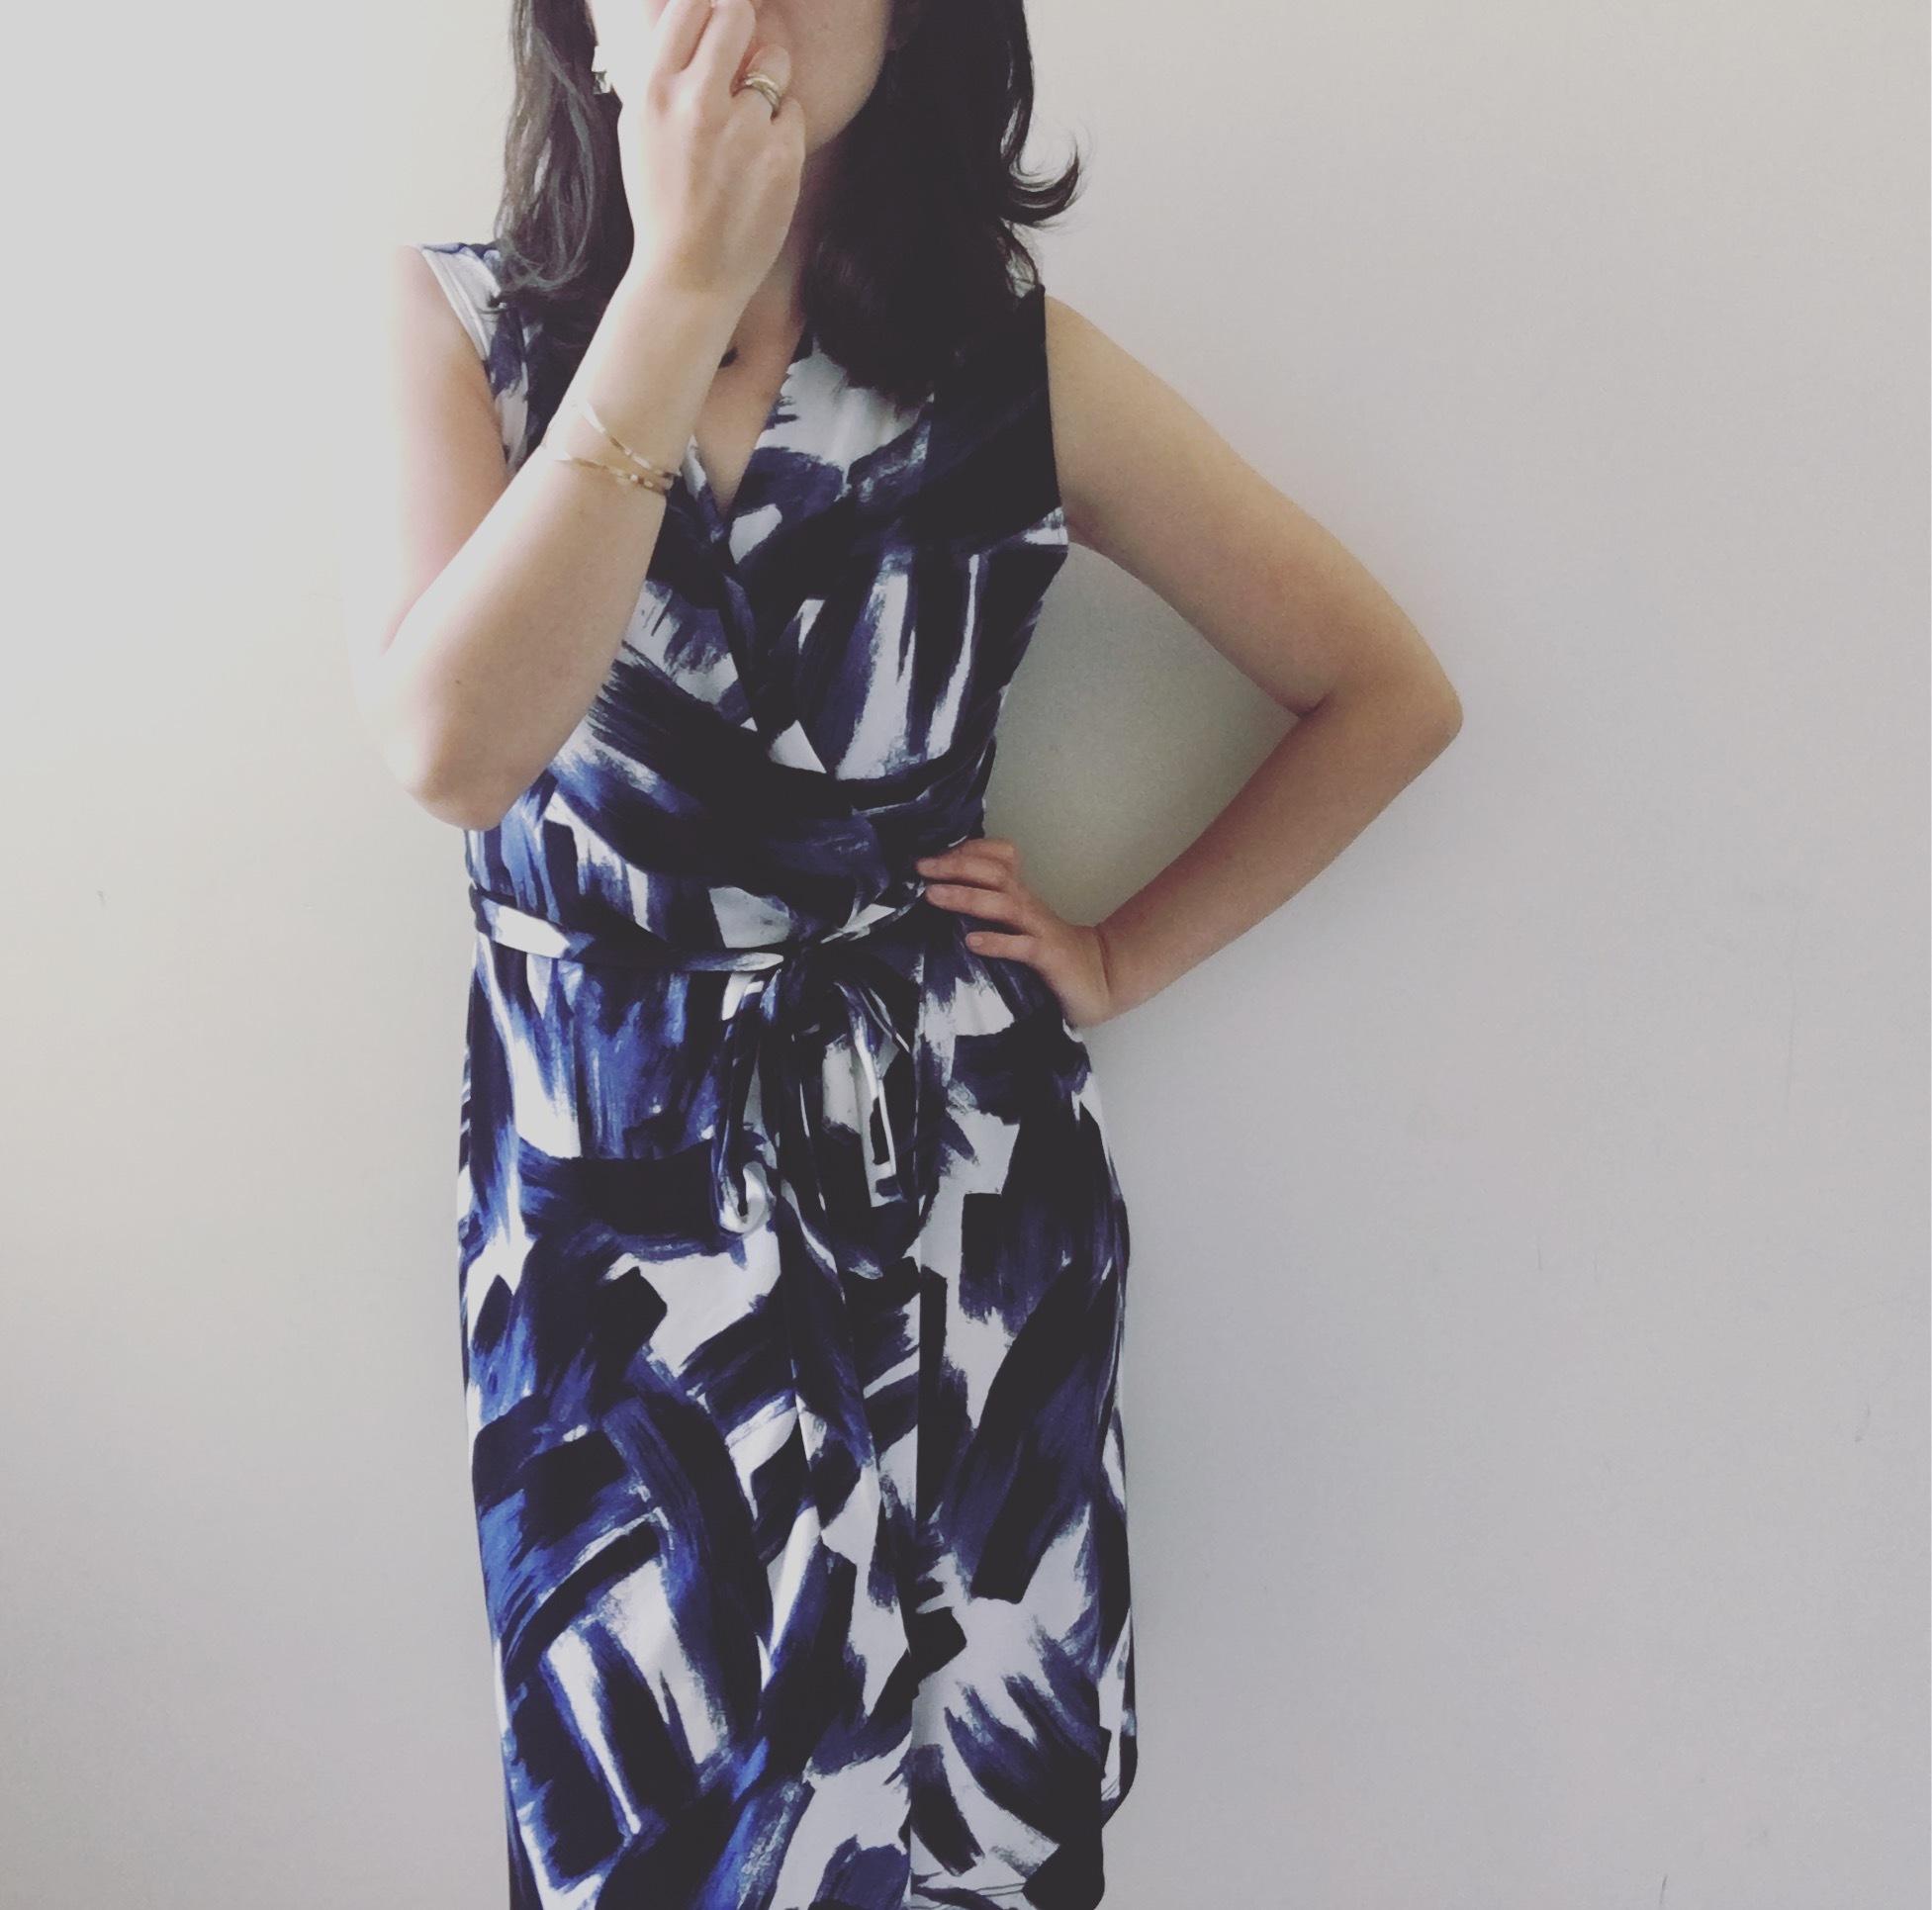 夏に頼れるワンピコーデ♪ Time for summer dress!_1_1-1